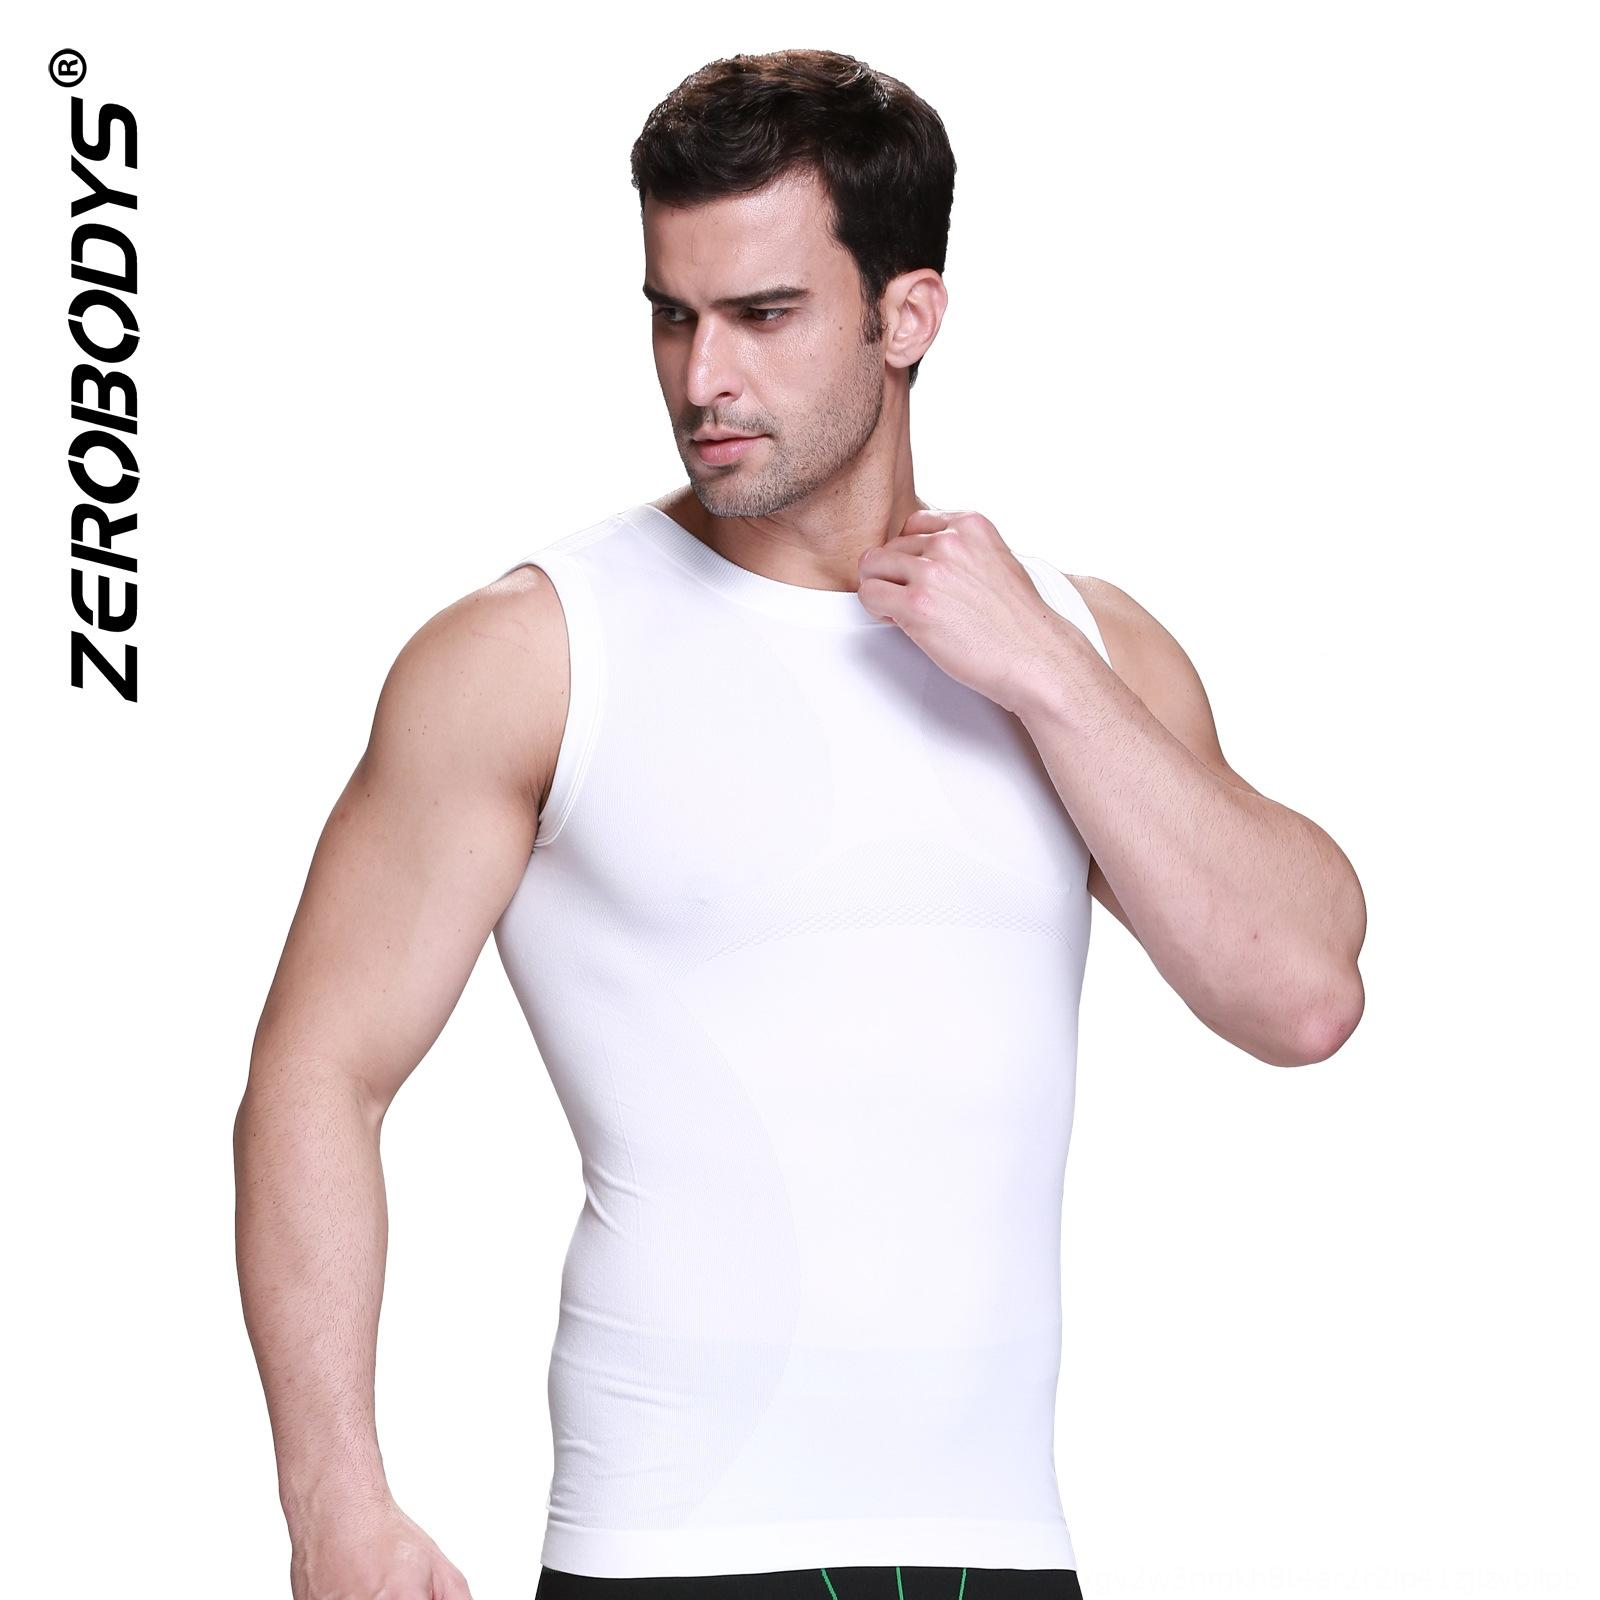 8BQpU eğitim takım elbise nem emme ve terleme yelek 090 erkek dikişsiz açık hava spor spor sui yelek açık spor çabuk kuruyan